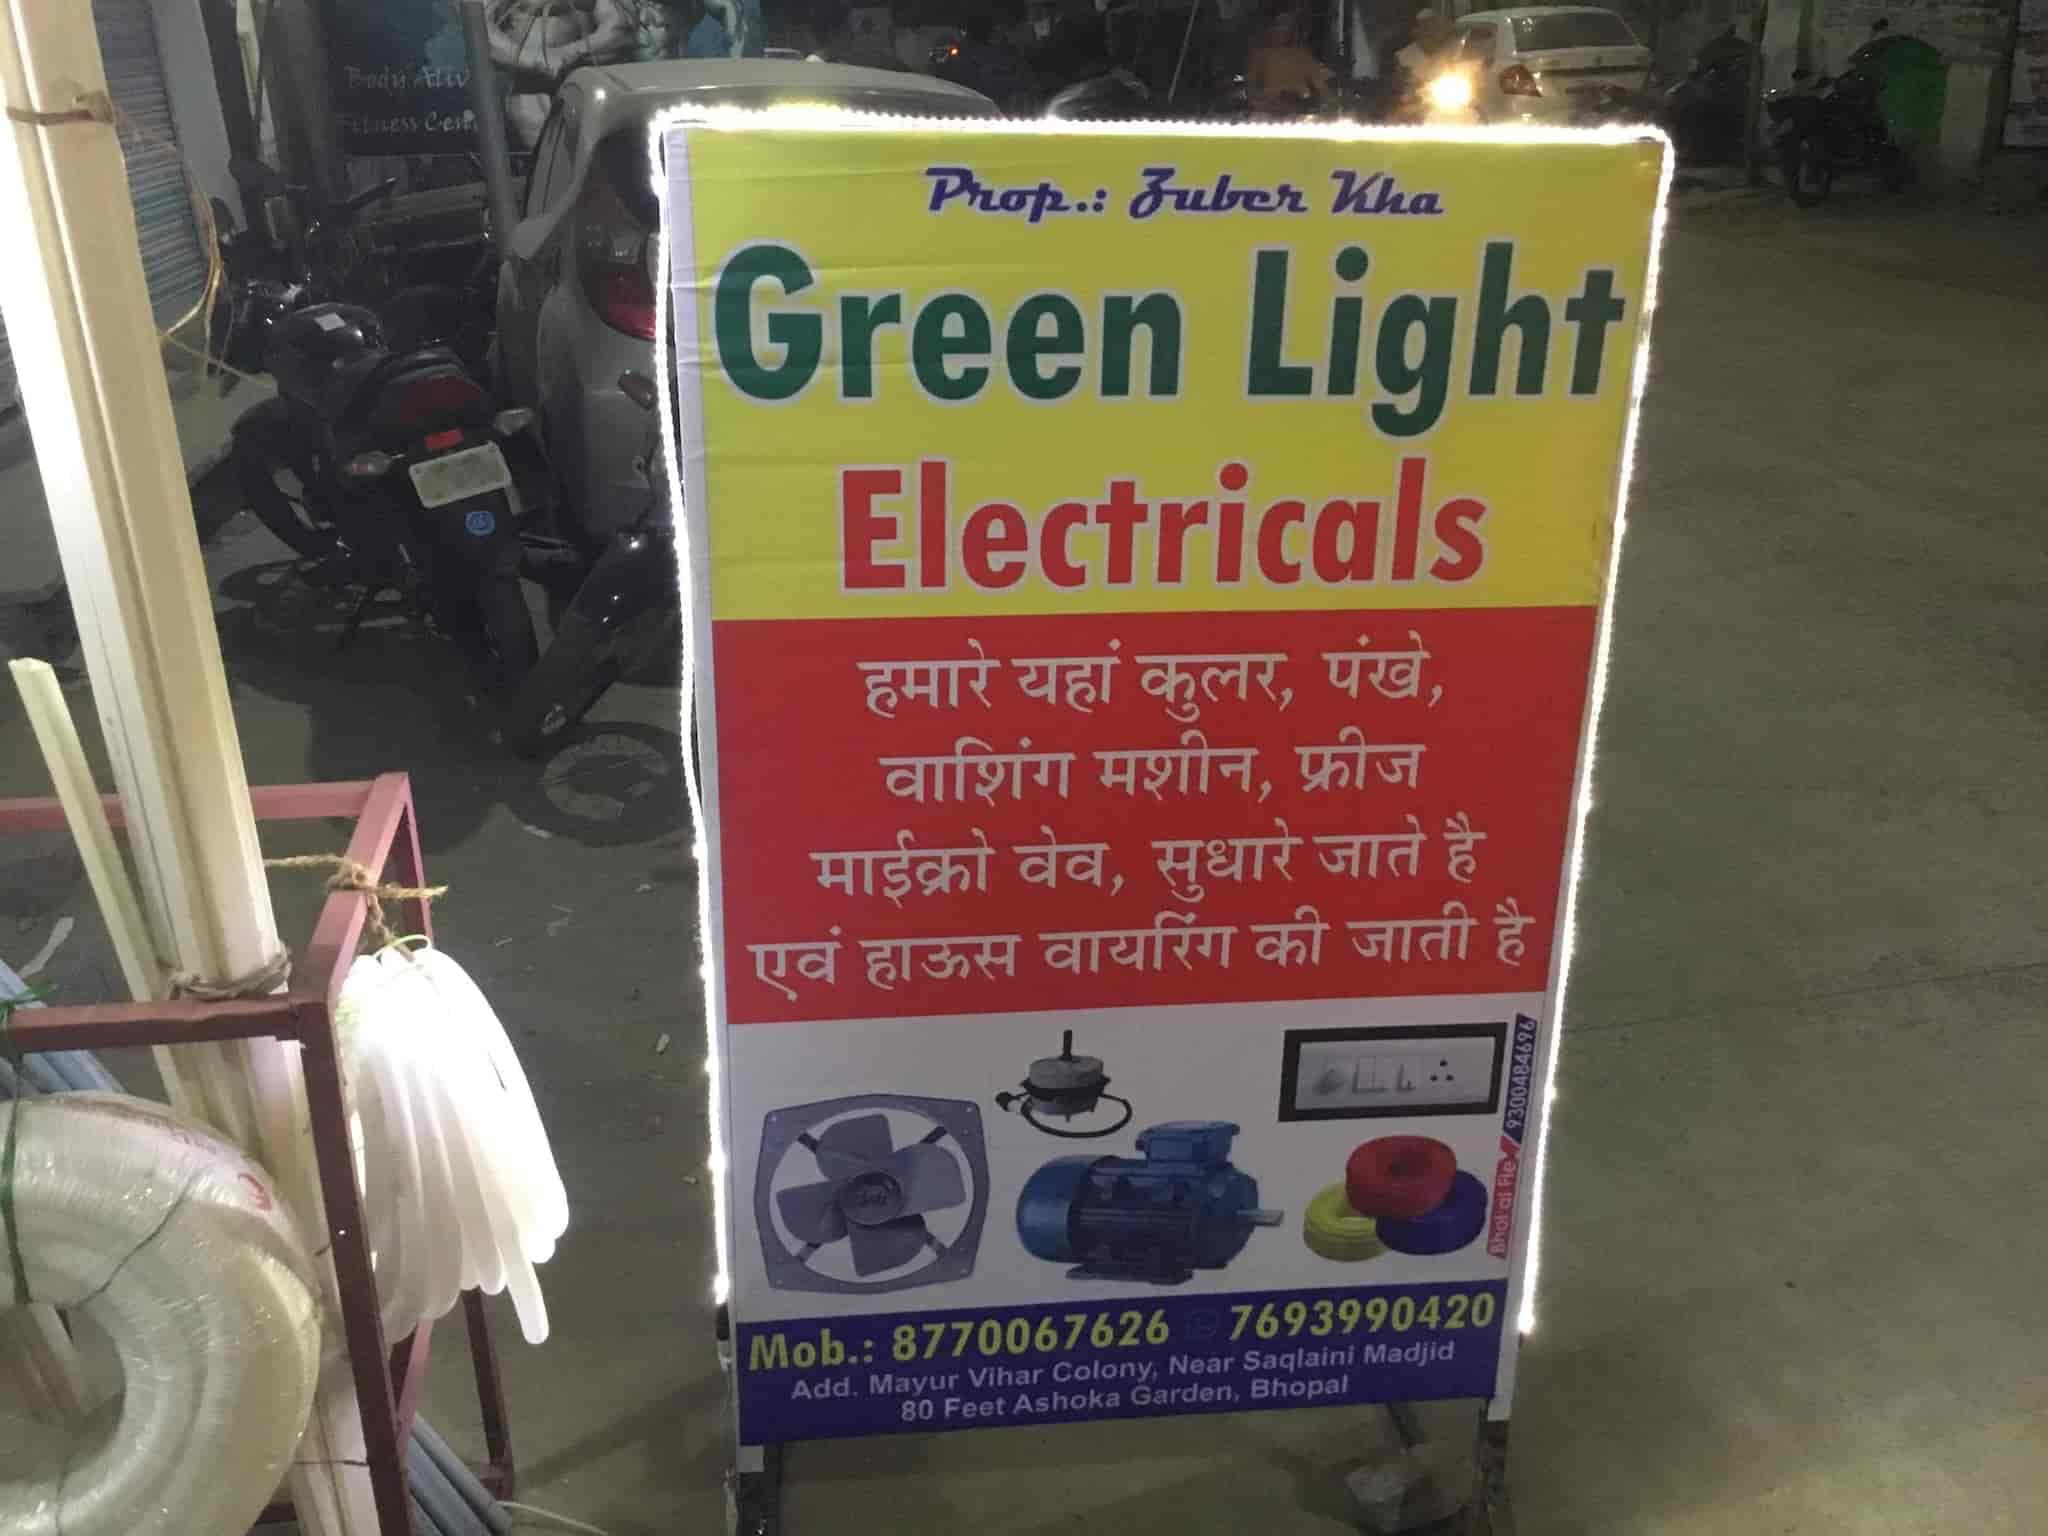 Green Light Photos, Ashoka Garden, Bhopal- Pictures & Images